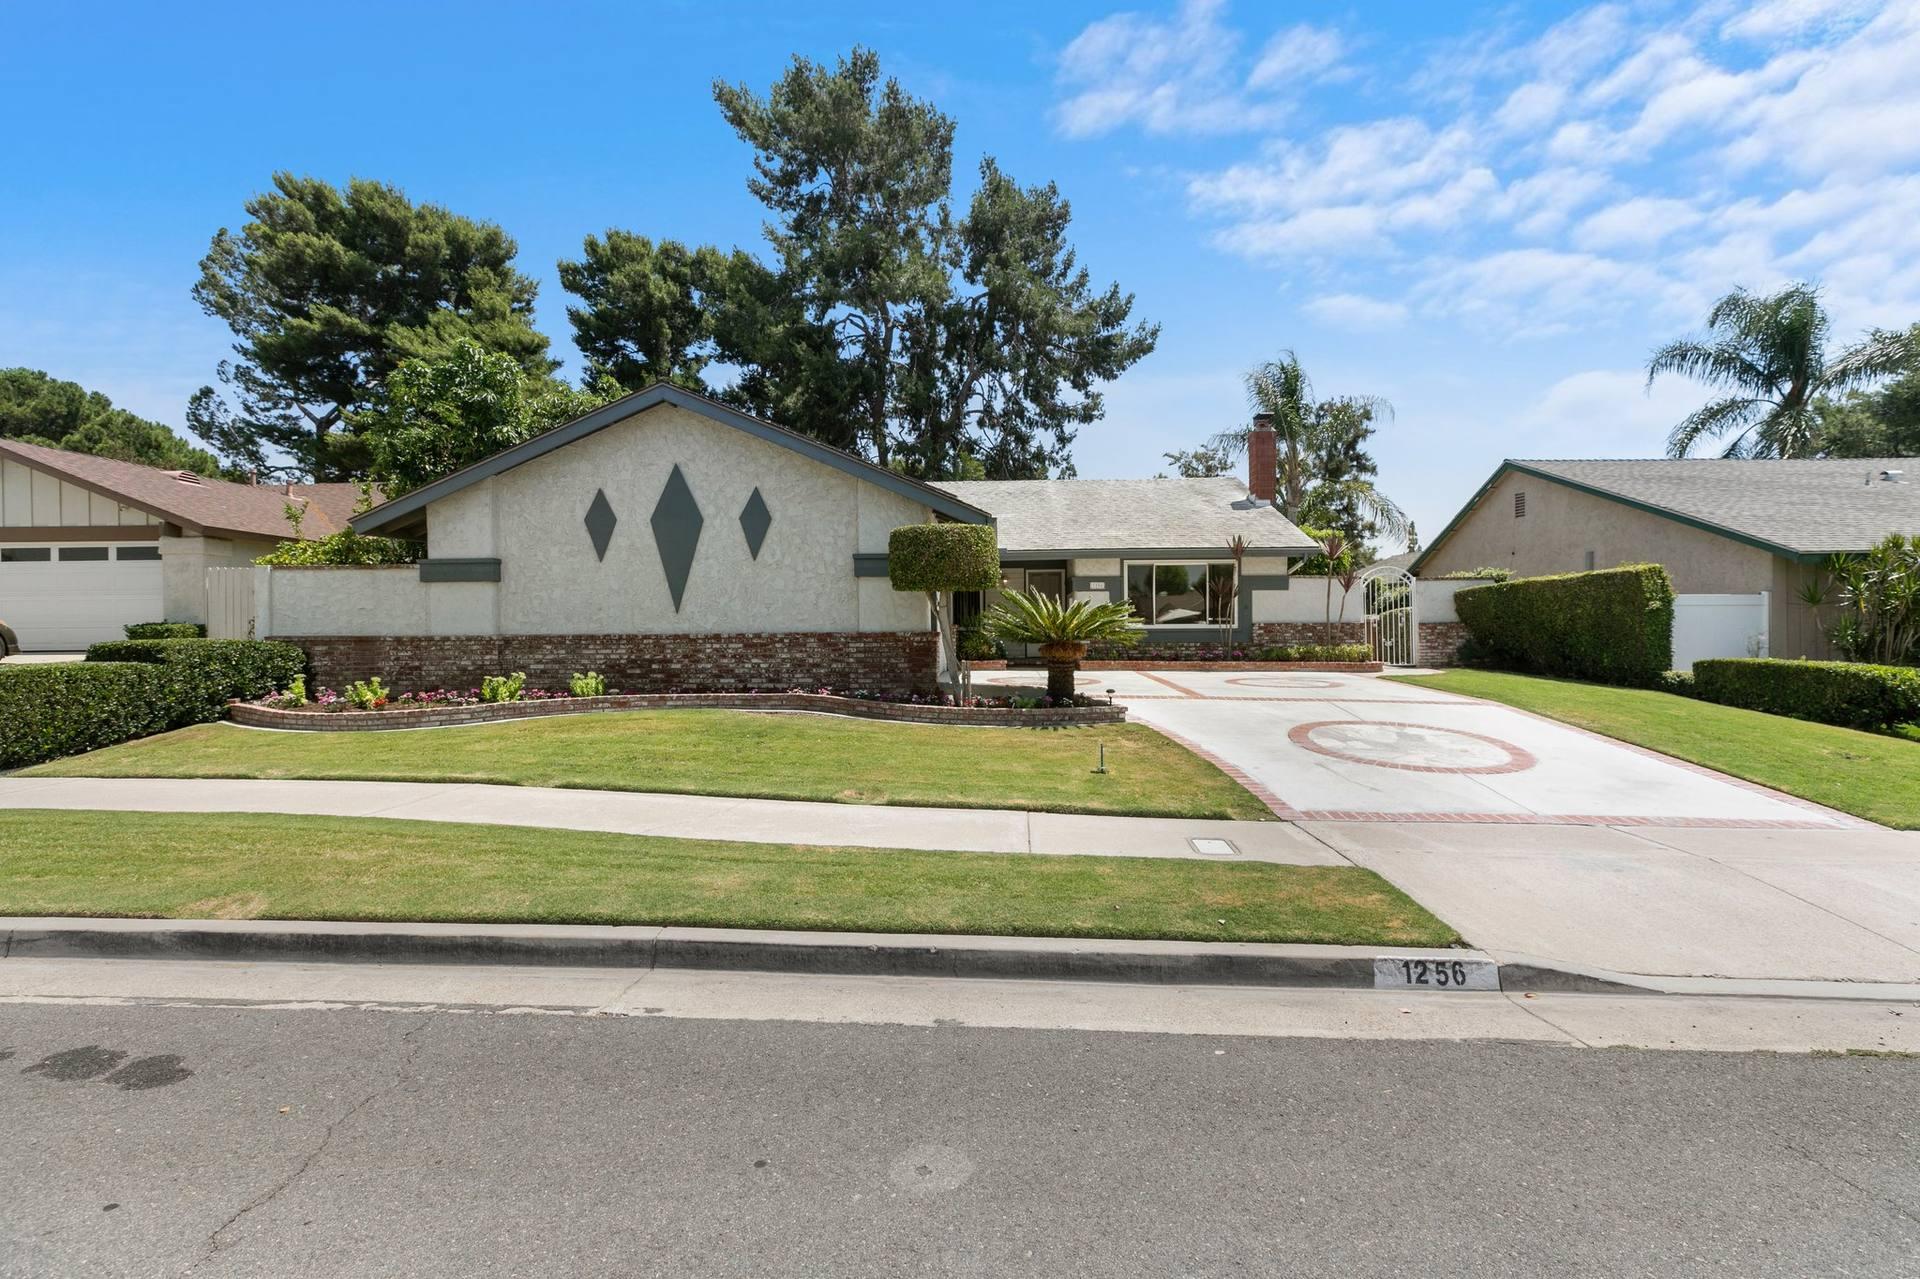 1256 Venice Ave, Placentia, CA 92870, USA